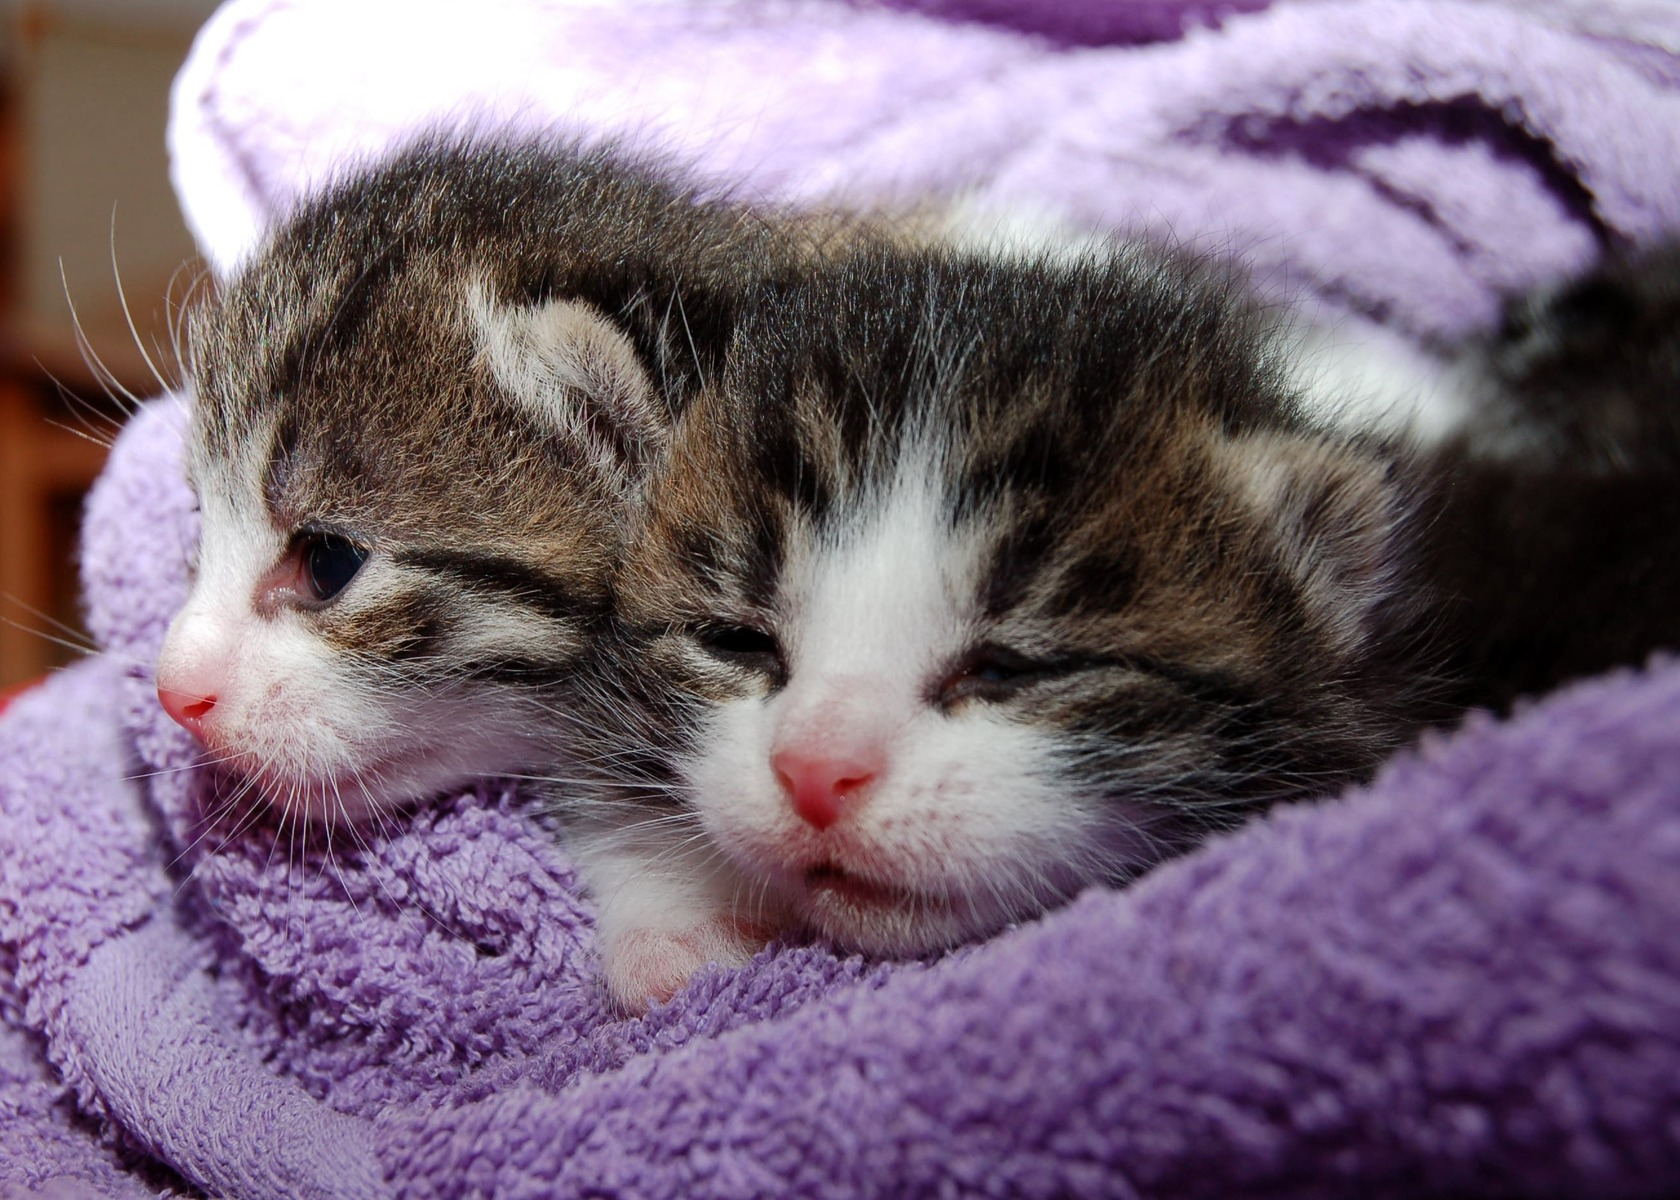 download wallpaper: kittens in een handdoek wallpaper